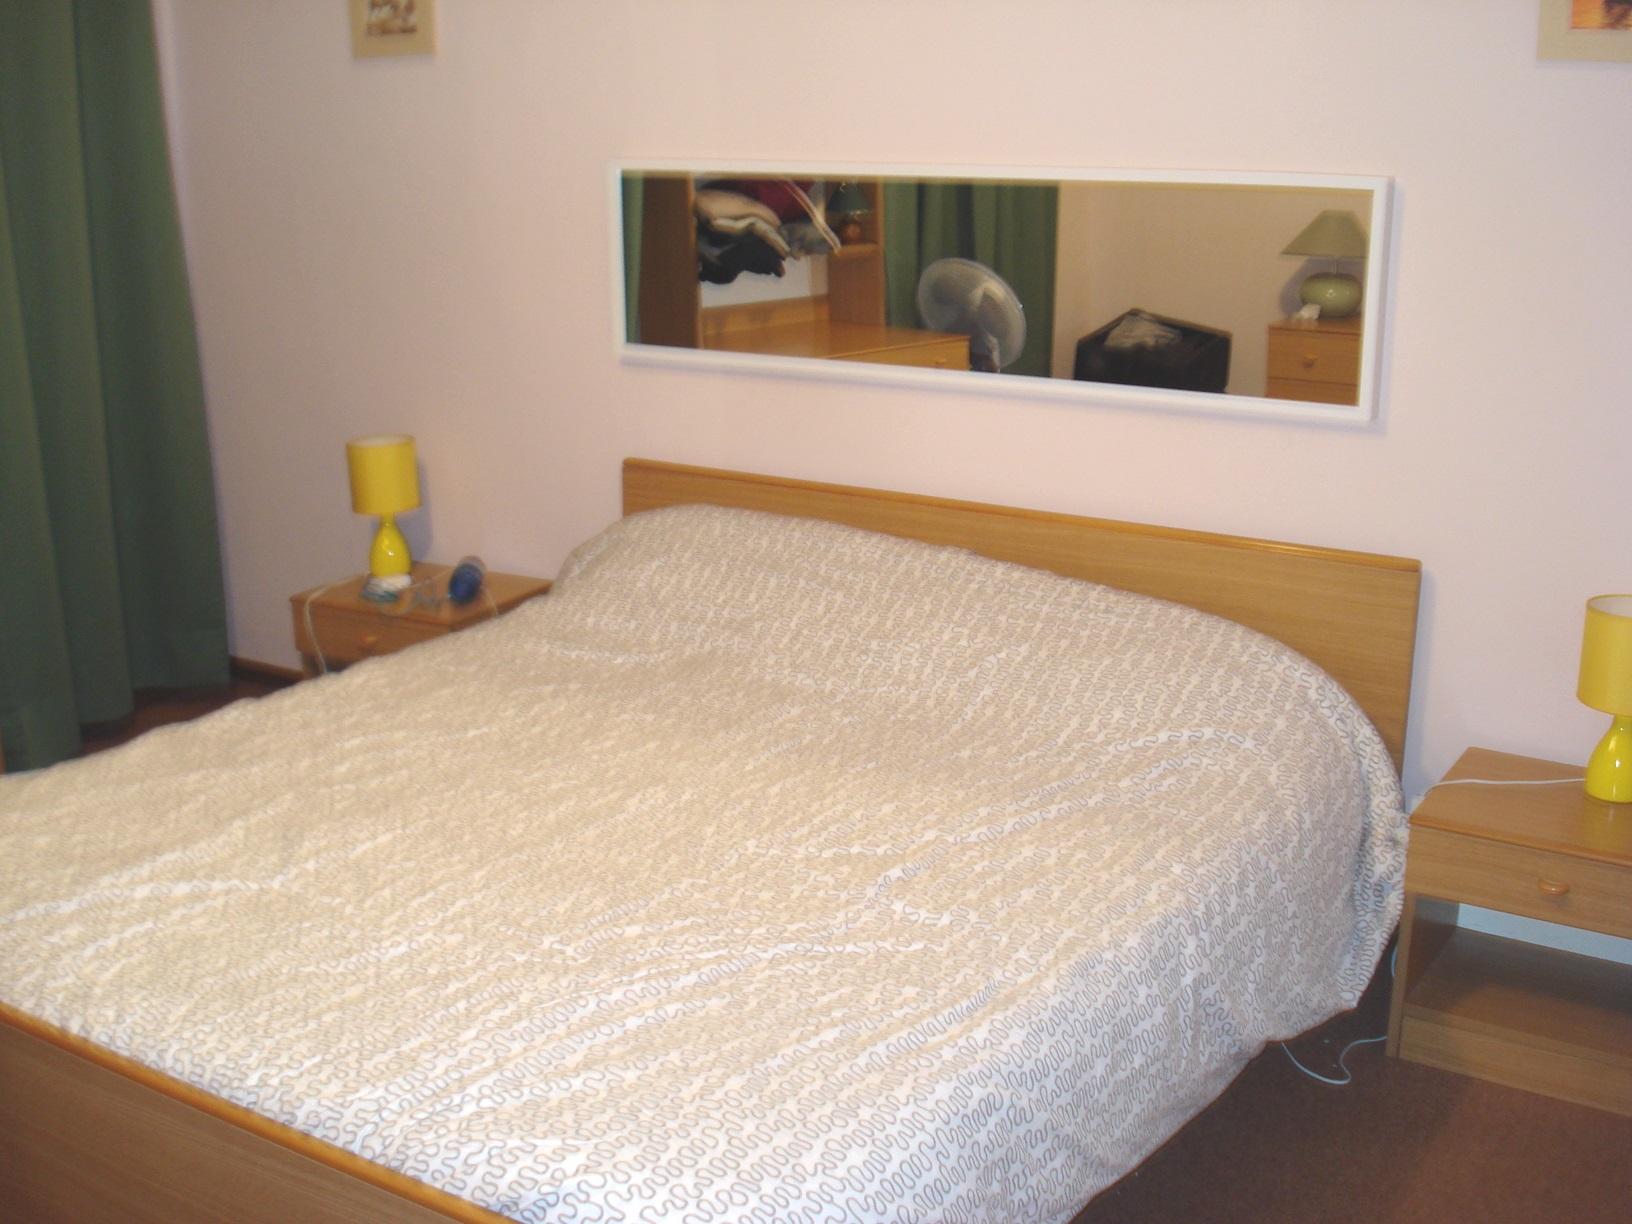 Appartamento in affitto a Biella, 2 locali, zona Zona: Centro, prezzo € 300 | Cambio Casa.it